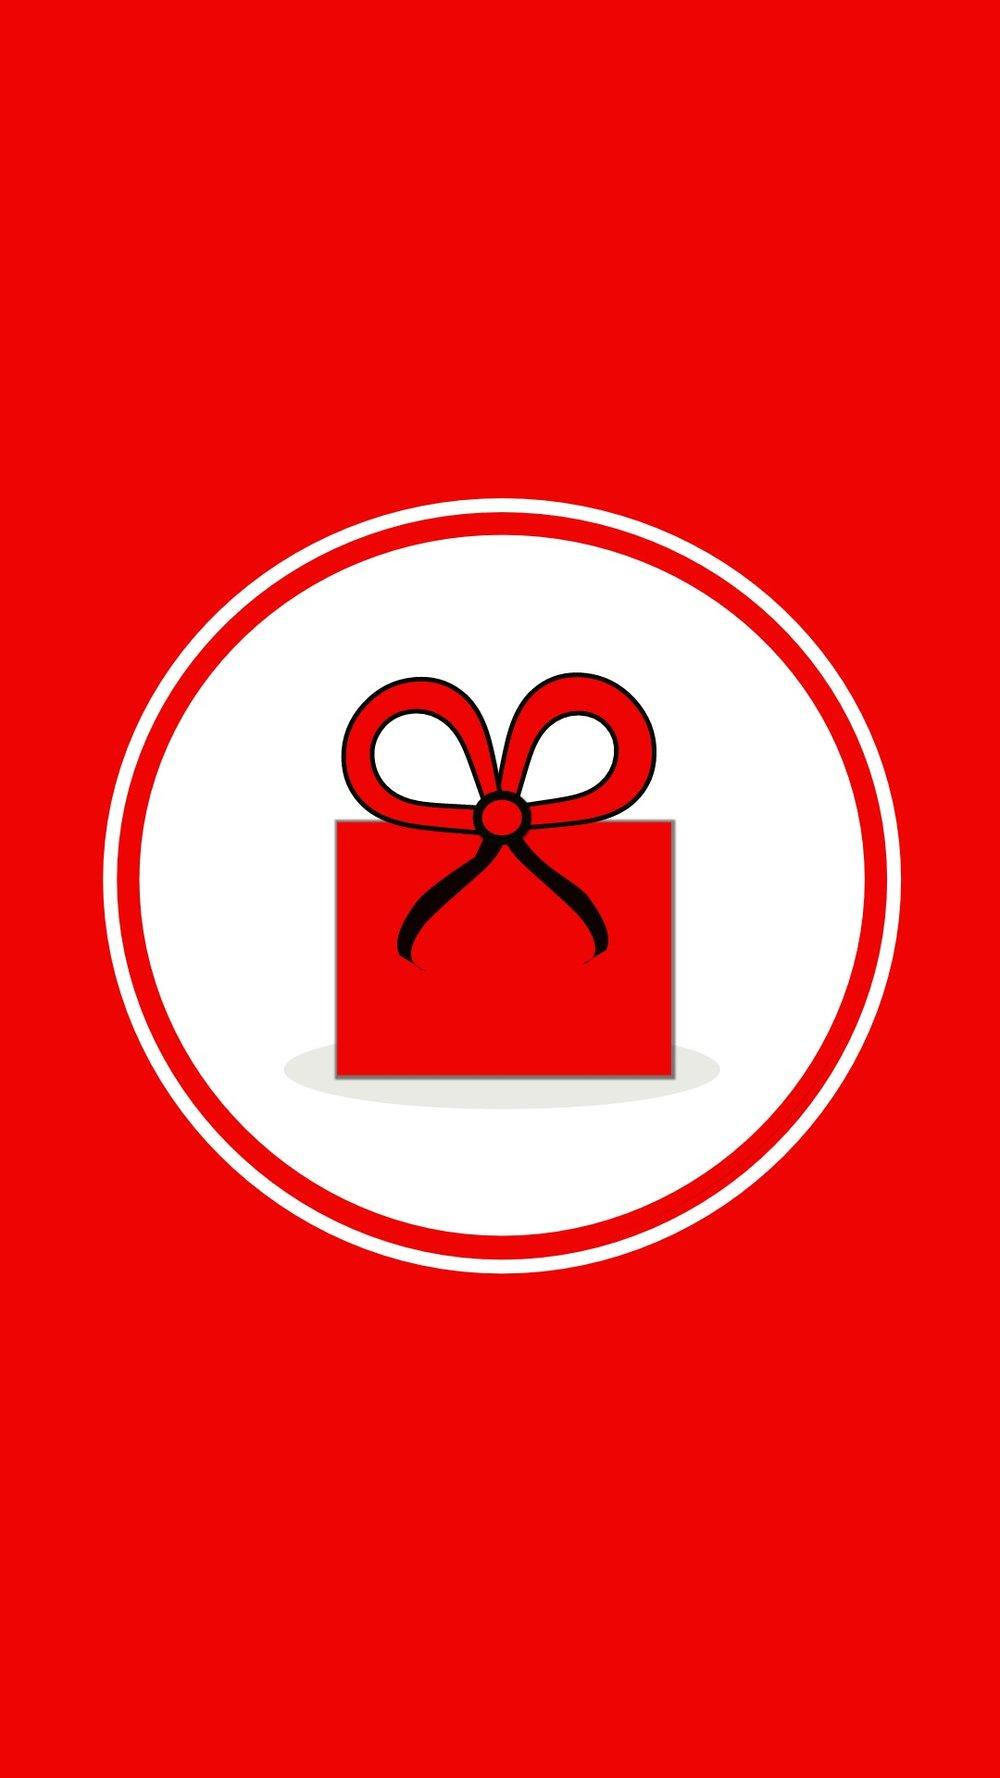 Instagram-cover-box-red-lotnotes.com.jpg